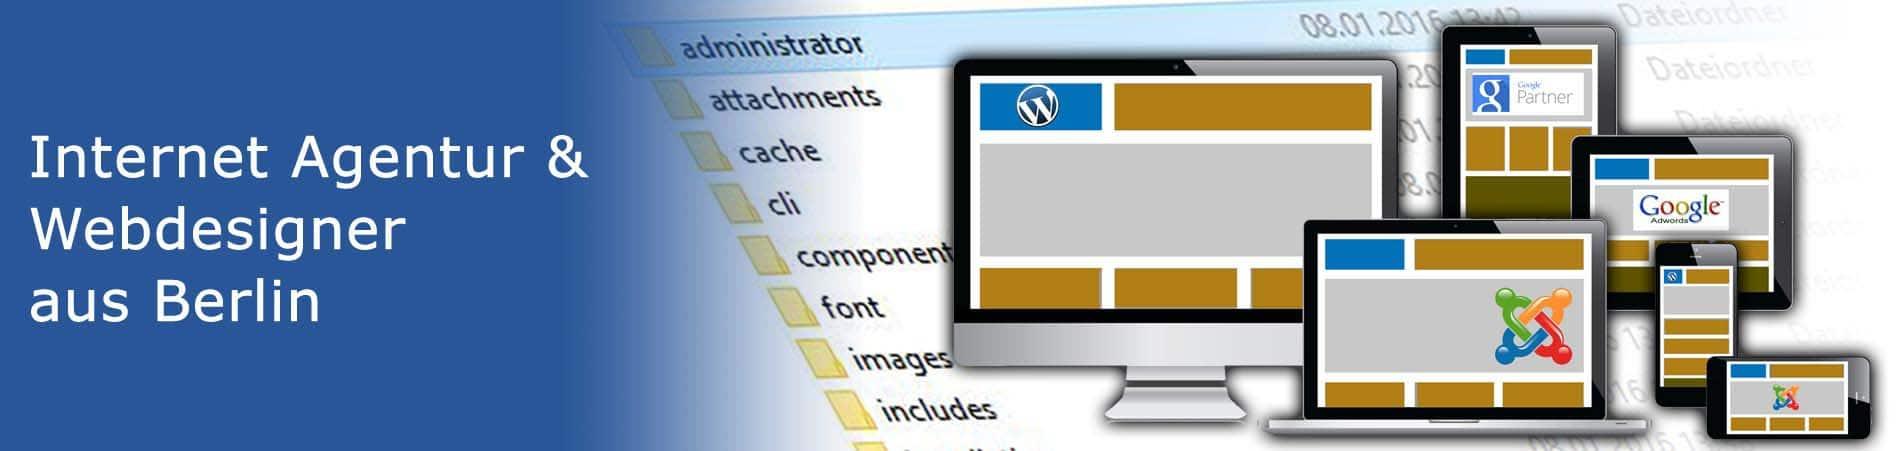 Leistungen internetagentur wtm-online